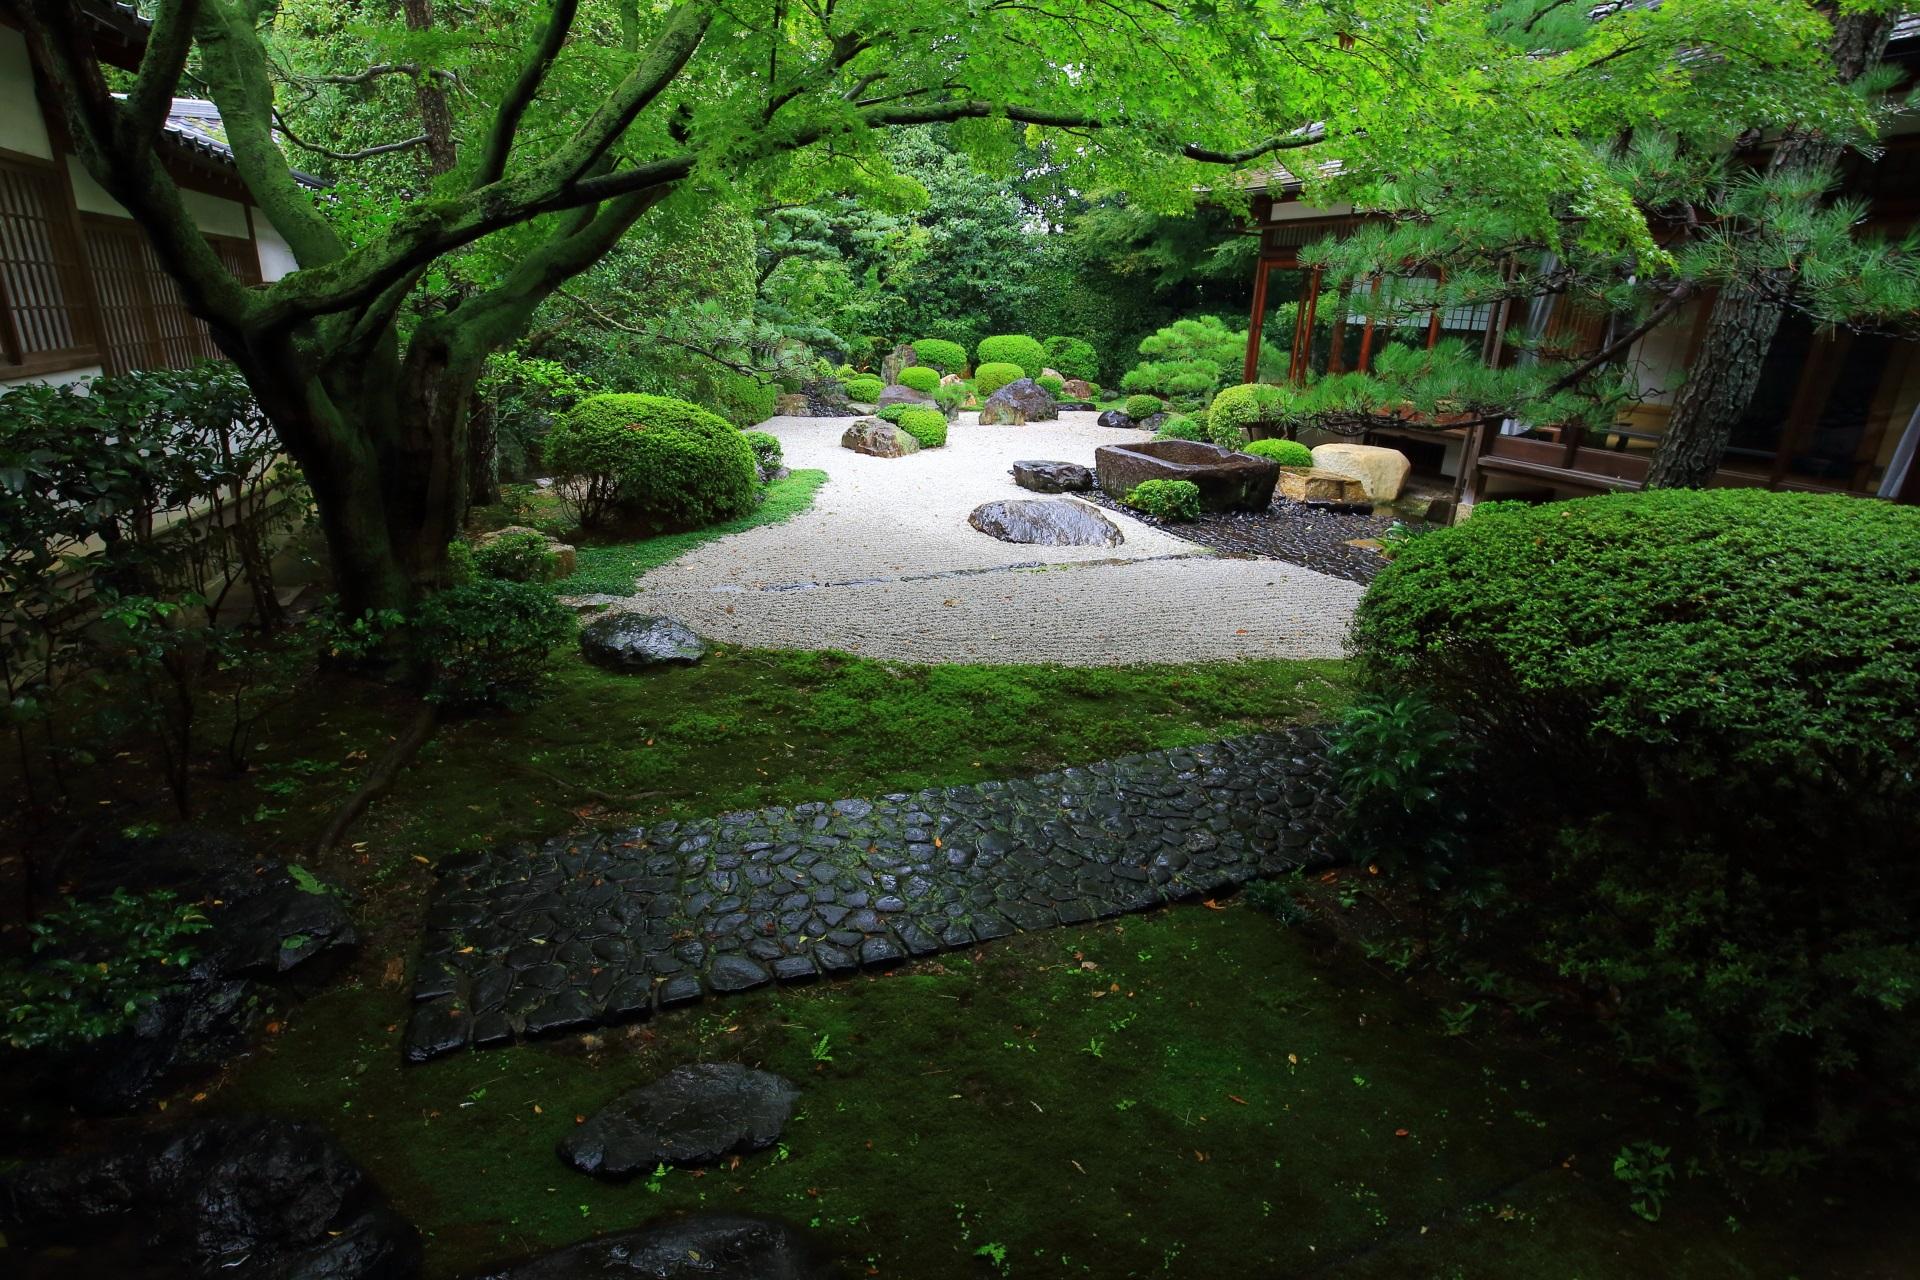 御香宮神社 庭園 伏見の隠れた枯山水庭園